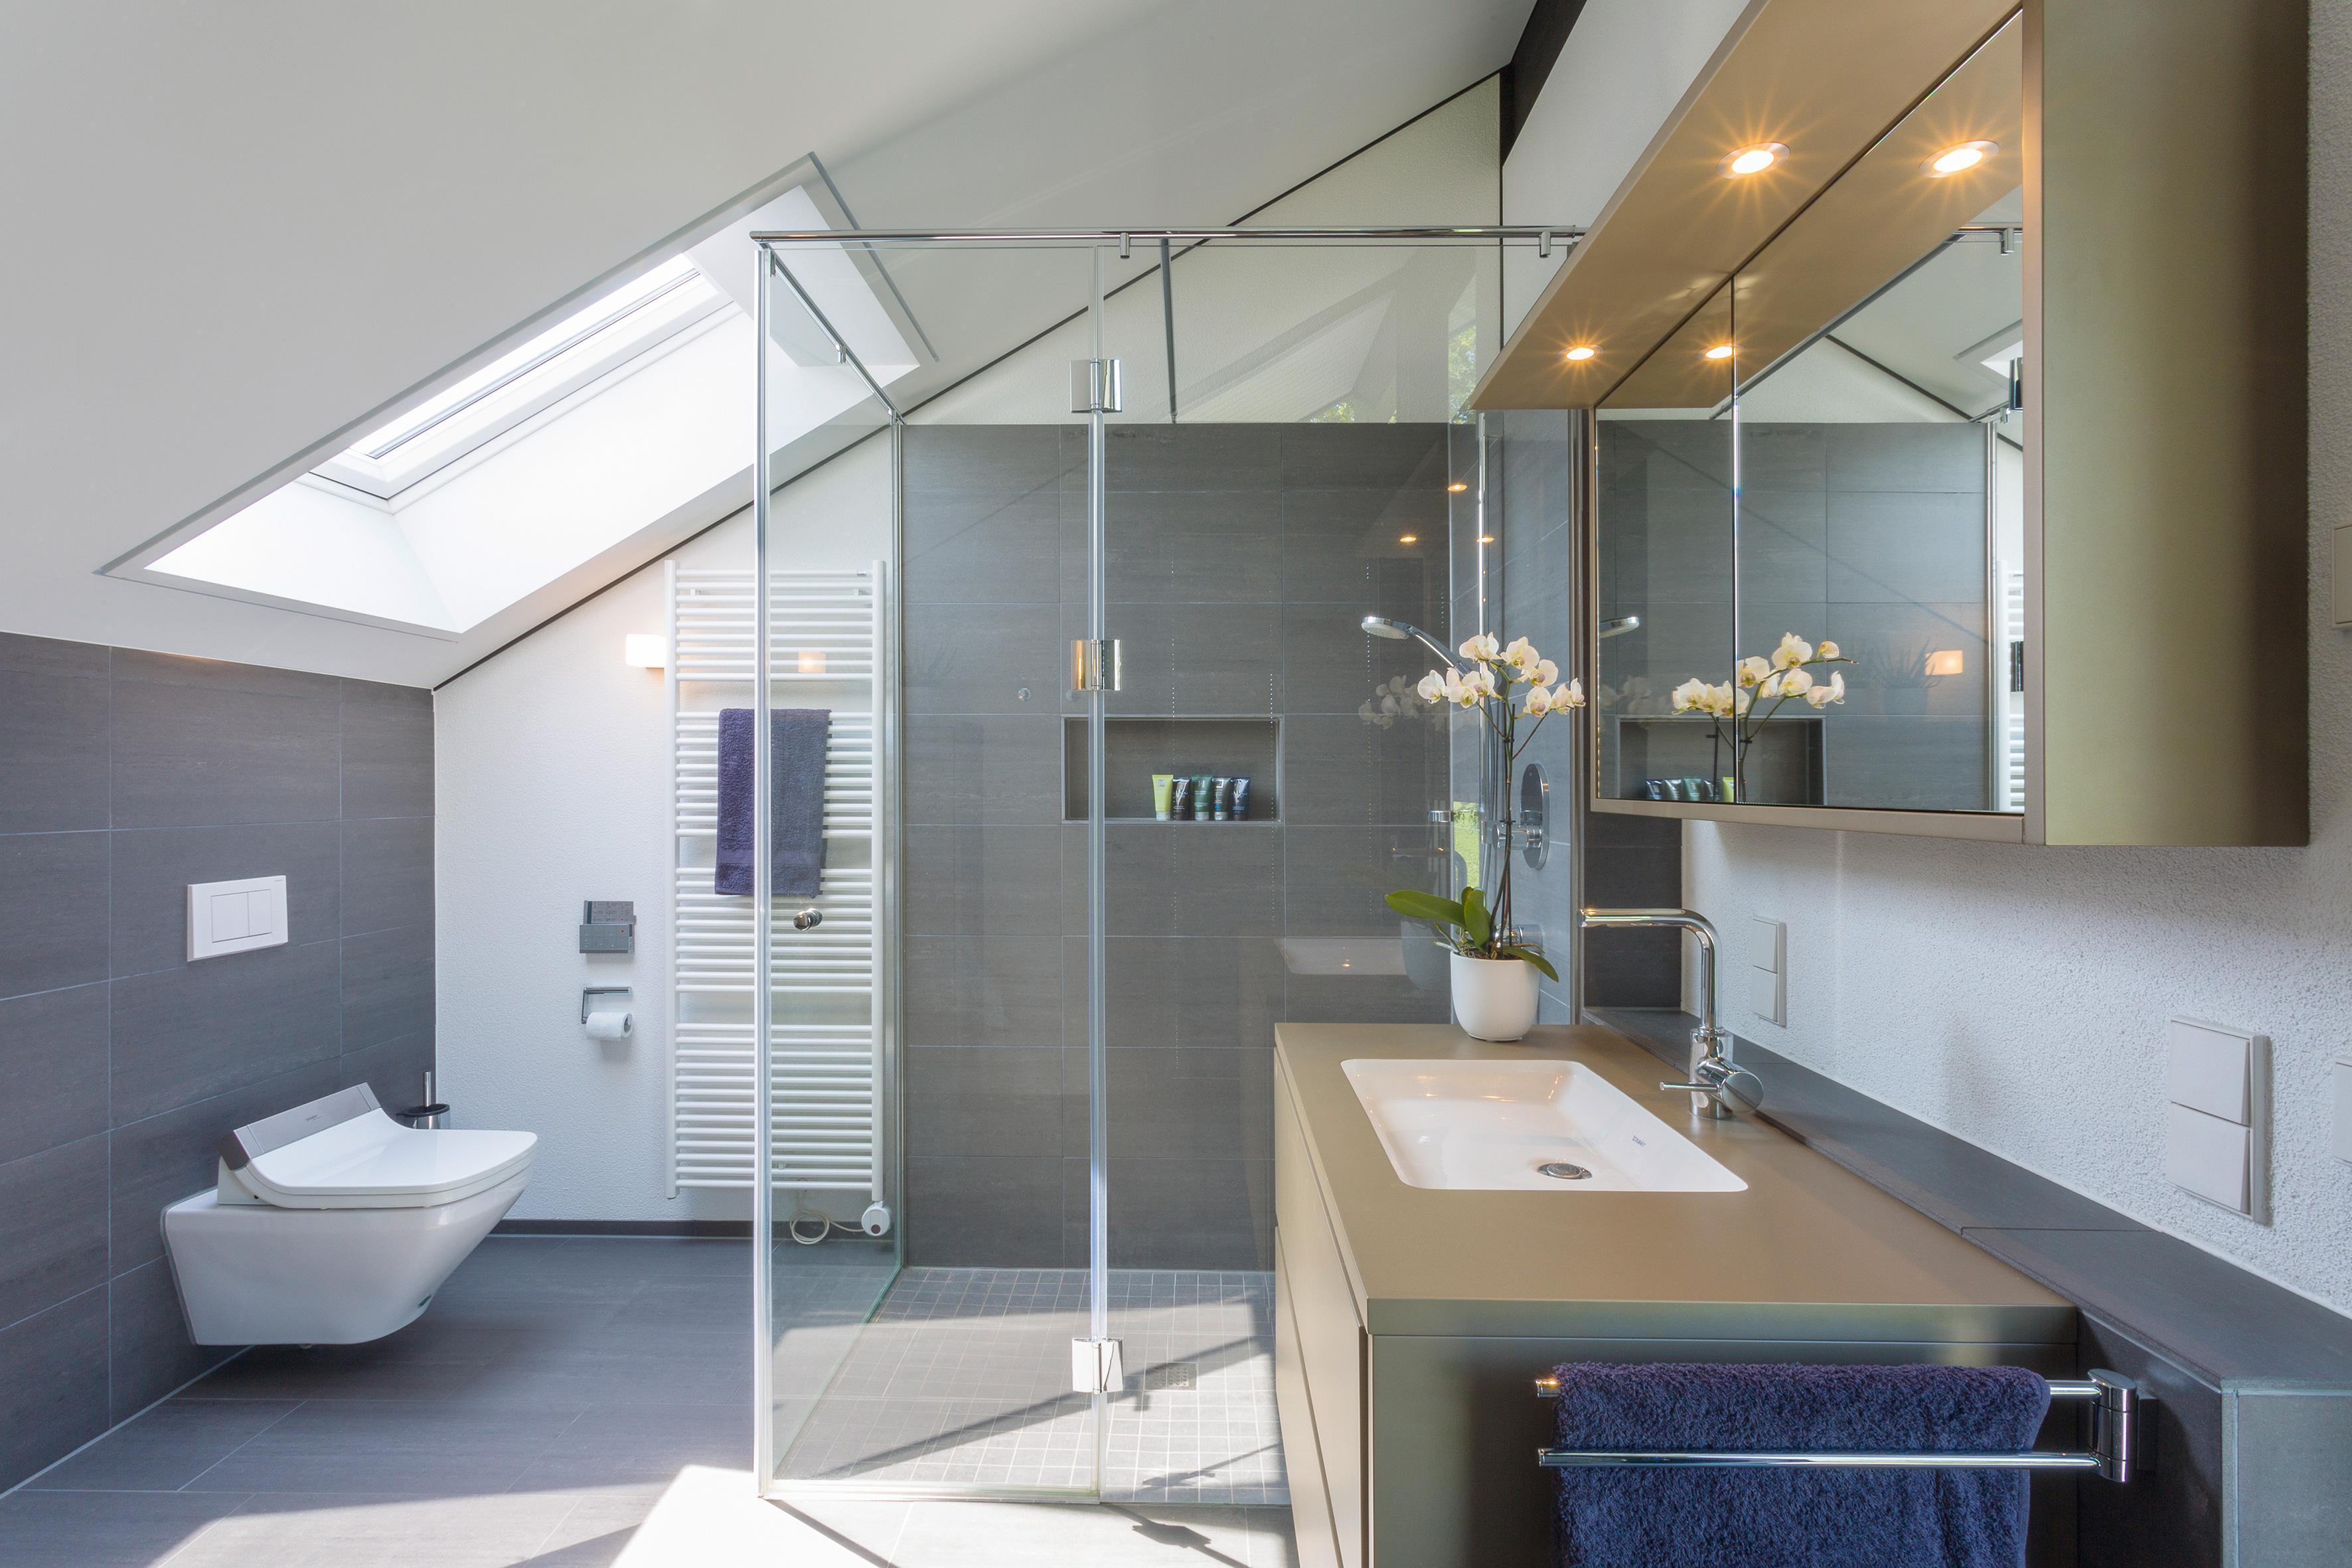 Badezimmer #fliesen #spiegel #hängeschrank ©HUF HAUS...